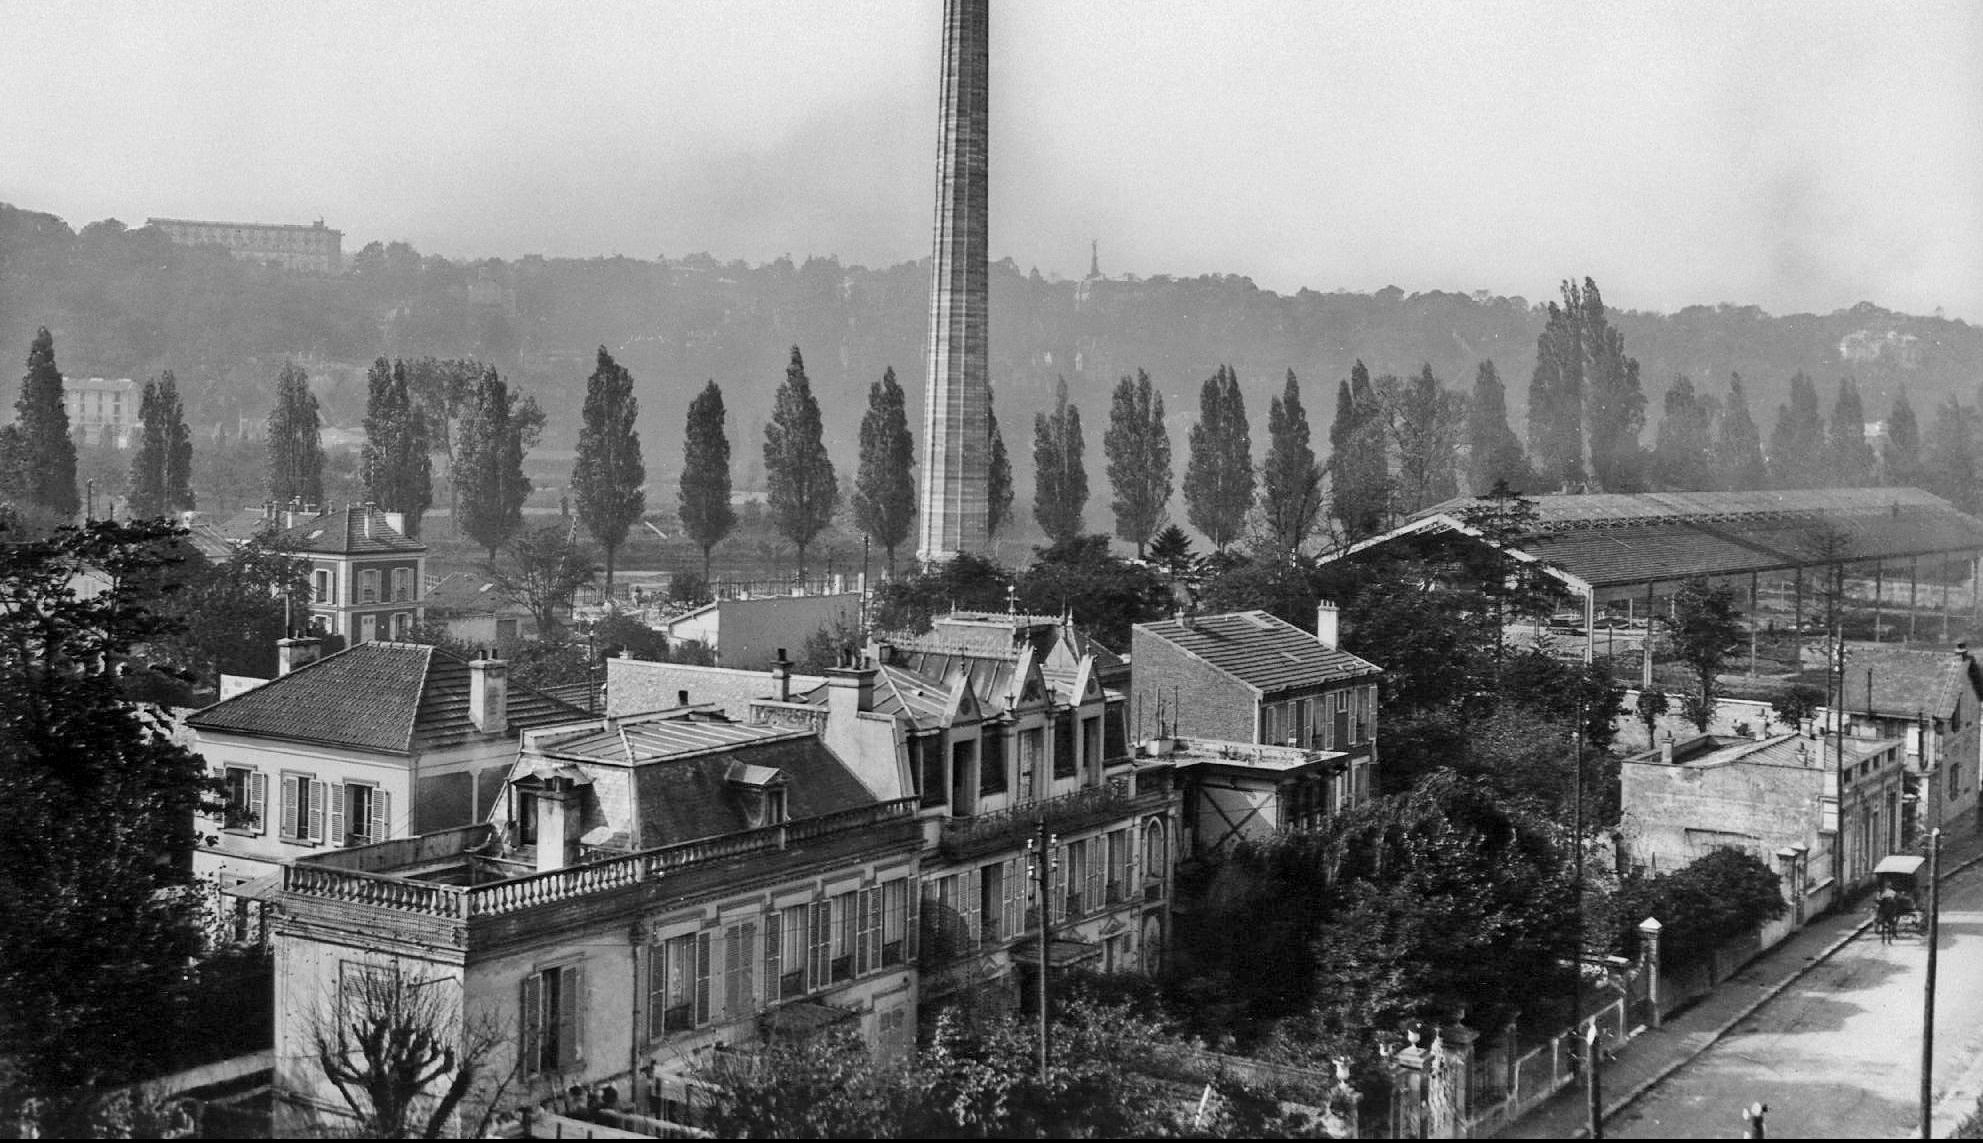 1912 Rue Théodore vue du toit de l'usine Renault